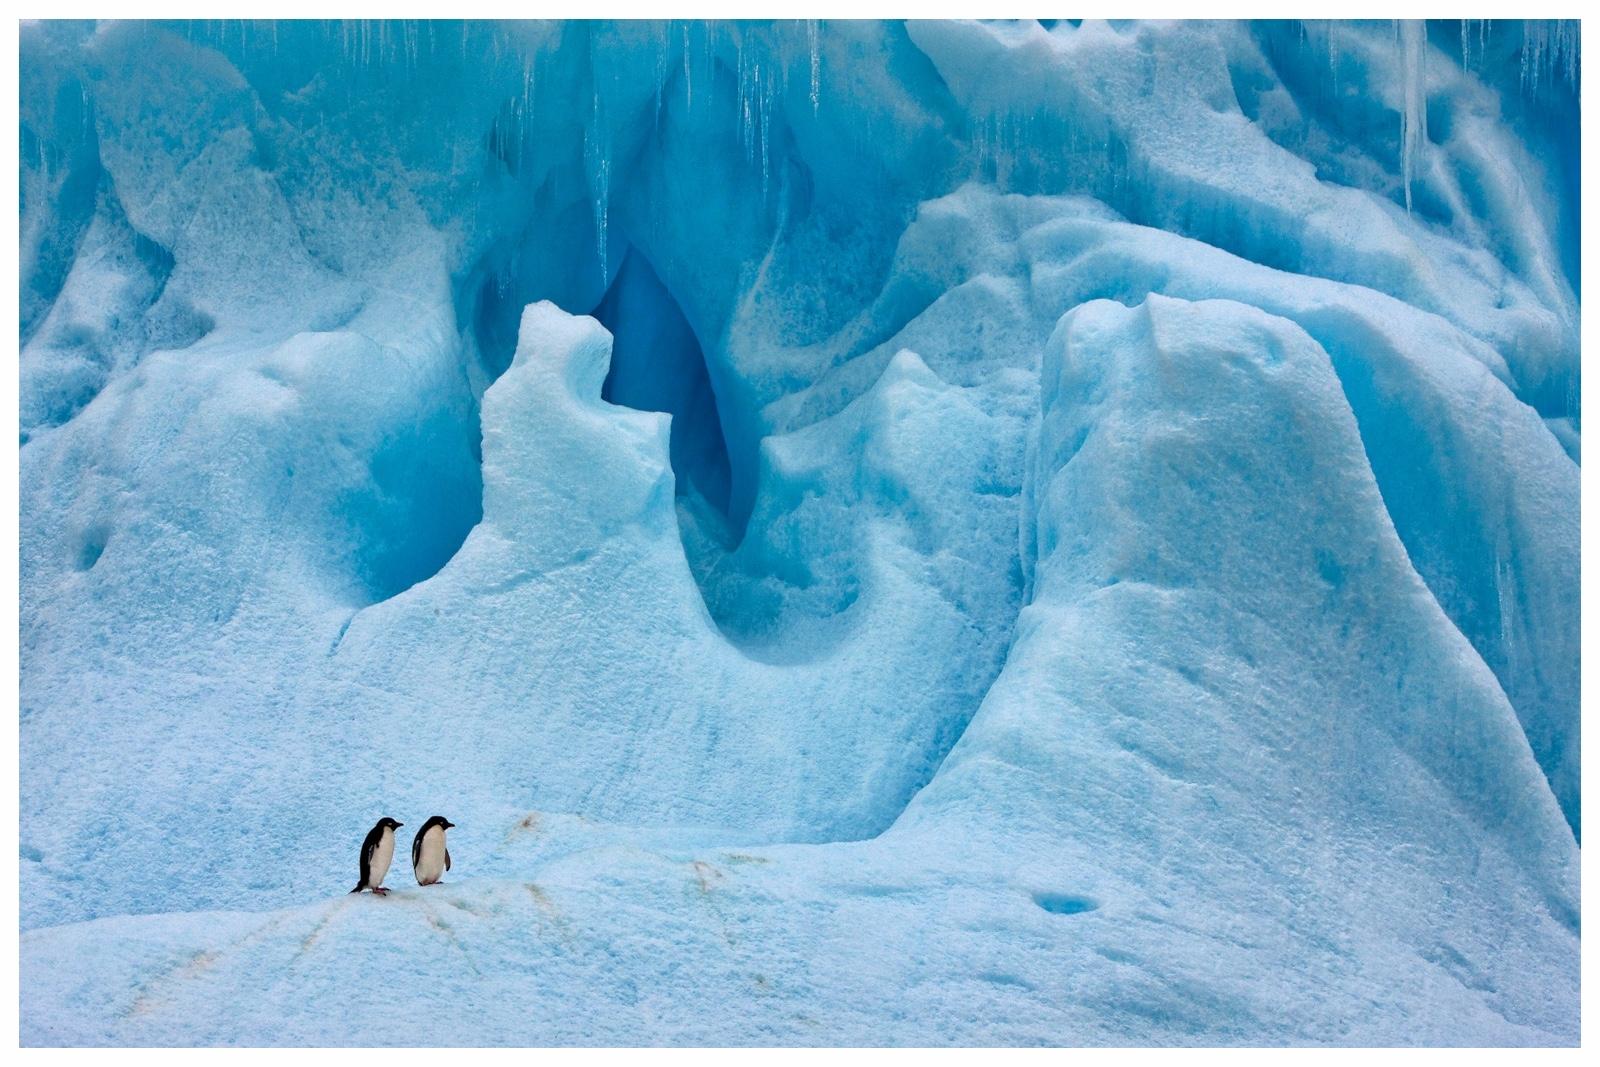 Arktis & AntarktisFaszination des ewigen Eises - Die Antarktis am Südpol ist so groß wie Australien und Europa zusammen, sie ist trockener als Arabien und höher gelegen als die Schweiz. An schönen Tagen ist es in der Heimat der Pinguine sonniger als in Kalifornien und doch kälter als im Gefrierfach eines Kühlschranks. Die Arktis am Nordpol ist dagegen ein von Eis bedecktes Meer. Sie ist die wilde Schatzkammer des Nordens, das Gebiet der Mitternachtssonne, der langen Polarnächte und das Reich der Eisbären. Diese beiden magischen Orte bieten Gästen Naturschauspiele, Erlebnisse und Aussichten, die in dieser Form nirgends auf der Welt zu finden sind. Wir organisieren Expeditionen grundsätzlich mit kleineren Schiffen, um eine ungezwungene Atmosphäre zu schaffen. Fernab von Captain's Dinner und Dresscode können Sie auch nur mit Ihrer Familie reisen - wir finden die perfekte Reiseplanung für Ihre Reise ins ewige Eis.